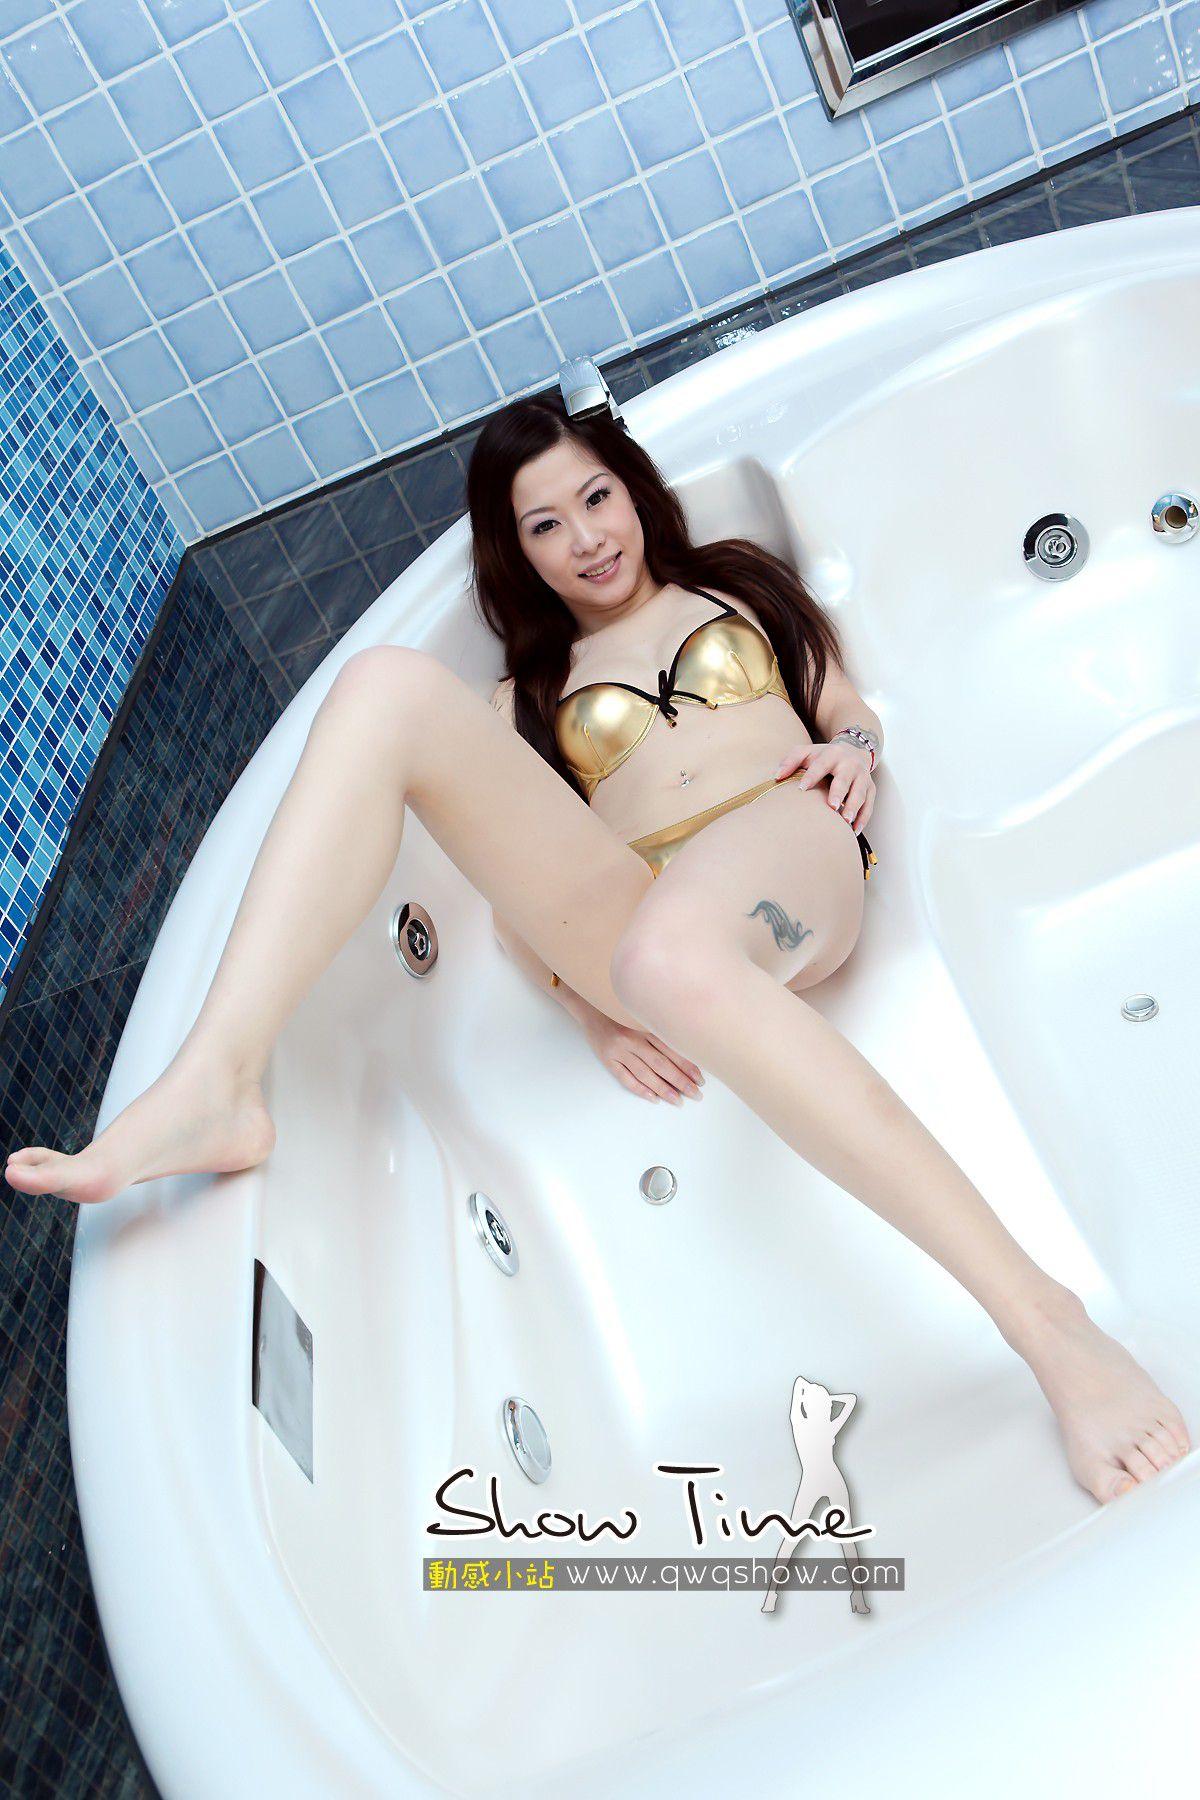 VOL.953 [动感之星]湿身浴室:蓉儿(动感小站蓉儿,动感之星蓉儿)高品质写真套图(48P)